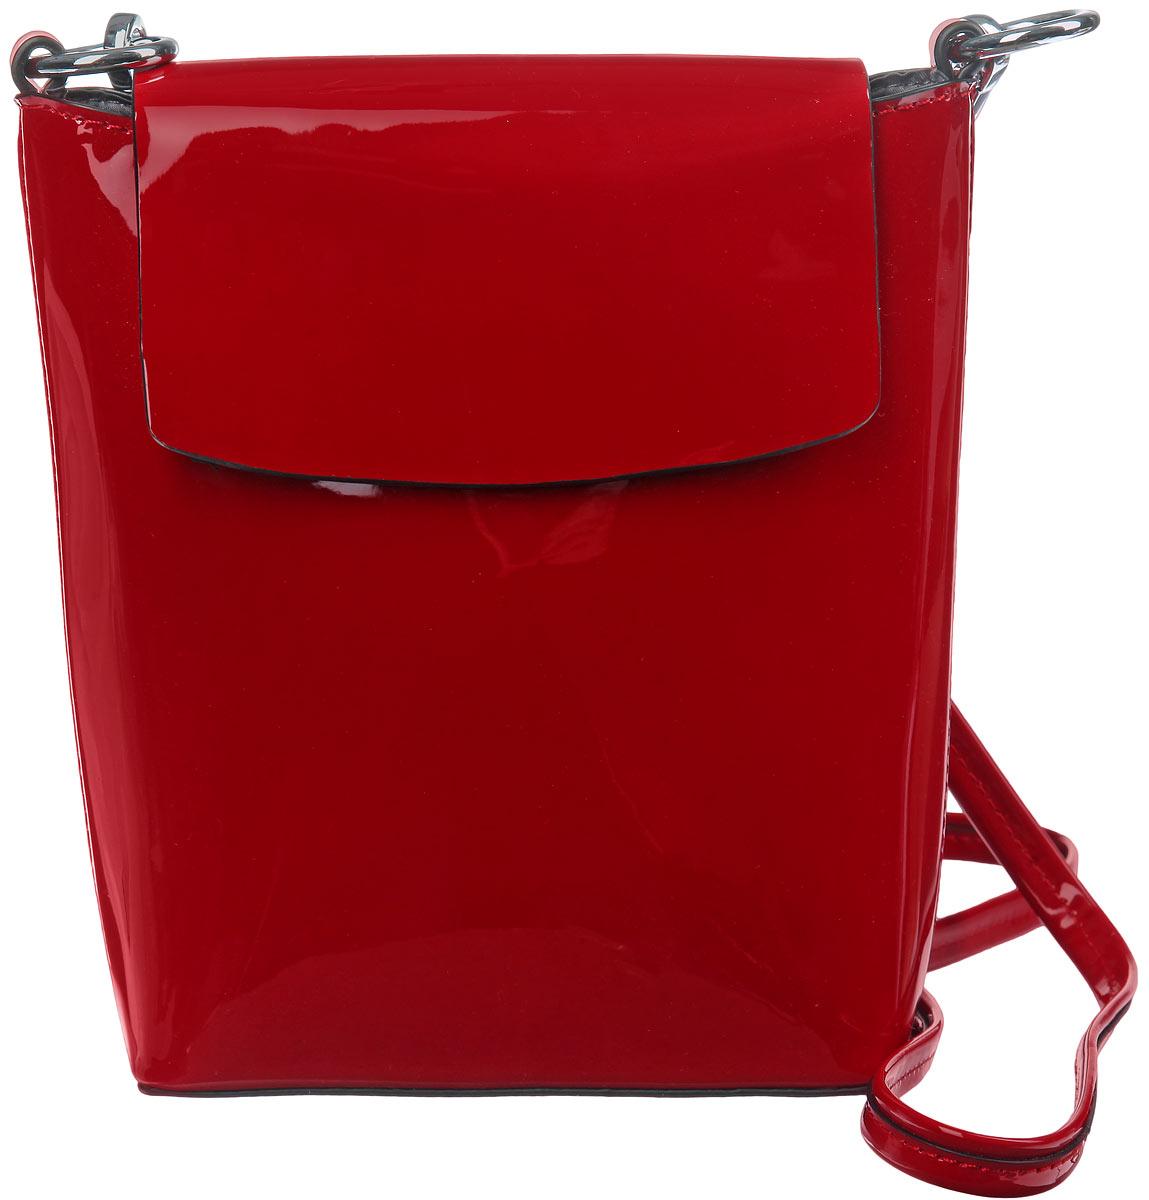 Сумка женская Milana, цвет: красный. 152610-1152610-1-740Стильная сумка Milana, выполнена из искусственной лакированной кожи. Изделие закрывается клапаном на магнитную кнопку. Сумка содержит одно вместительное отделение, внутри которого расположен накладной карман и врезной карман на молнии. Изделие оснащено съемным наплечным ремнем. Элегантная сумка идеально дополнит ваш образ и подчеркнет индивидуальность стиля.